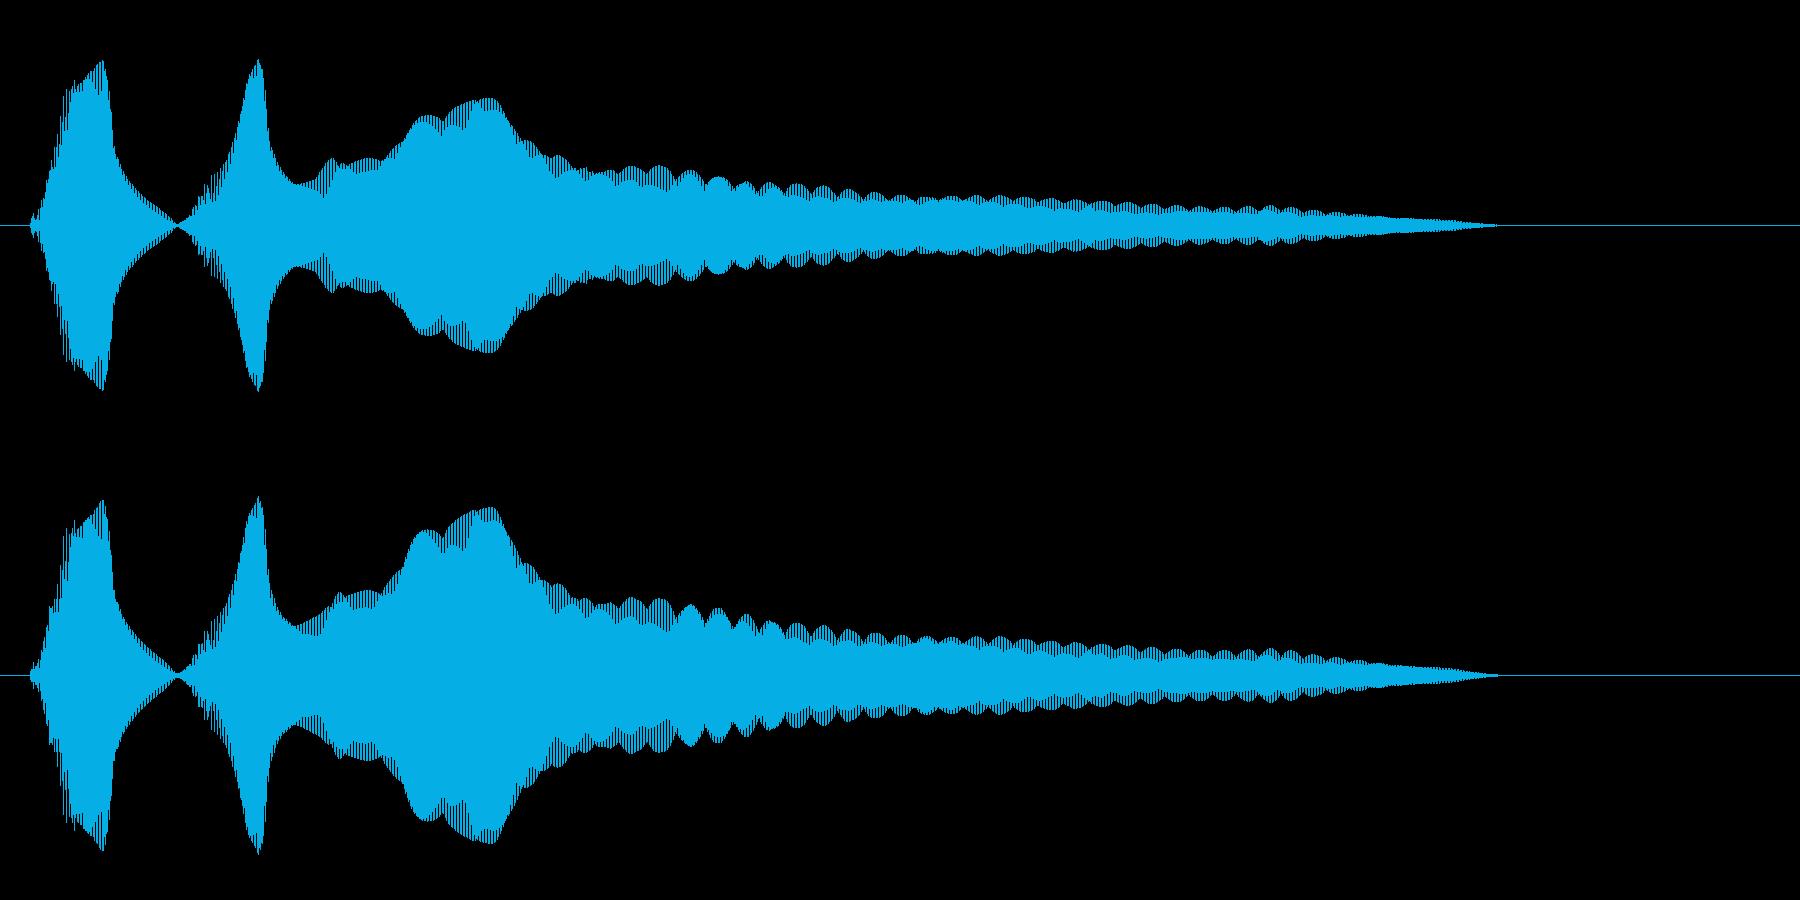 キラーン(金属音系)の再生済みの波形